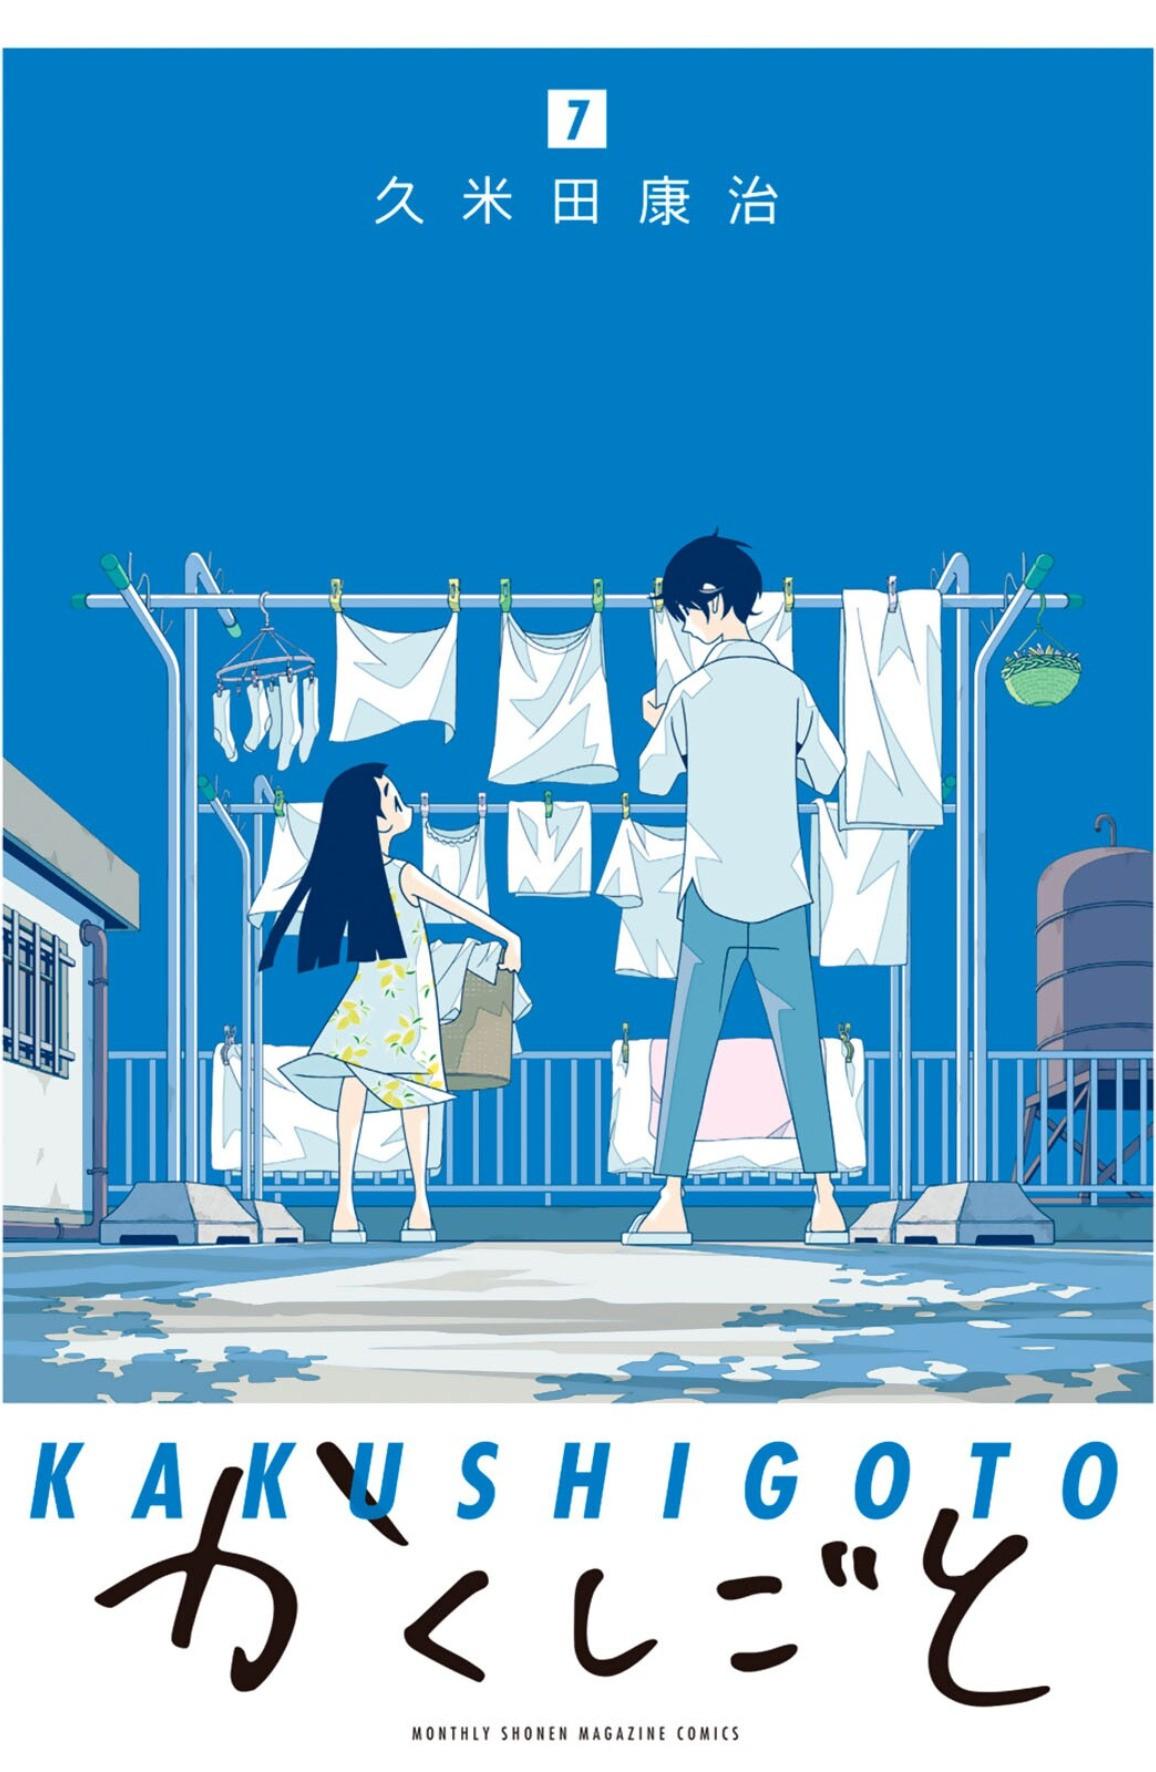 Kakushigoto Manga se bliža koncu